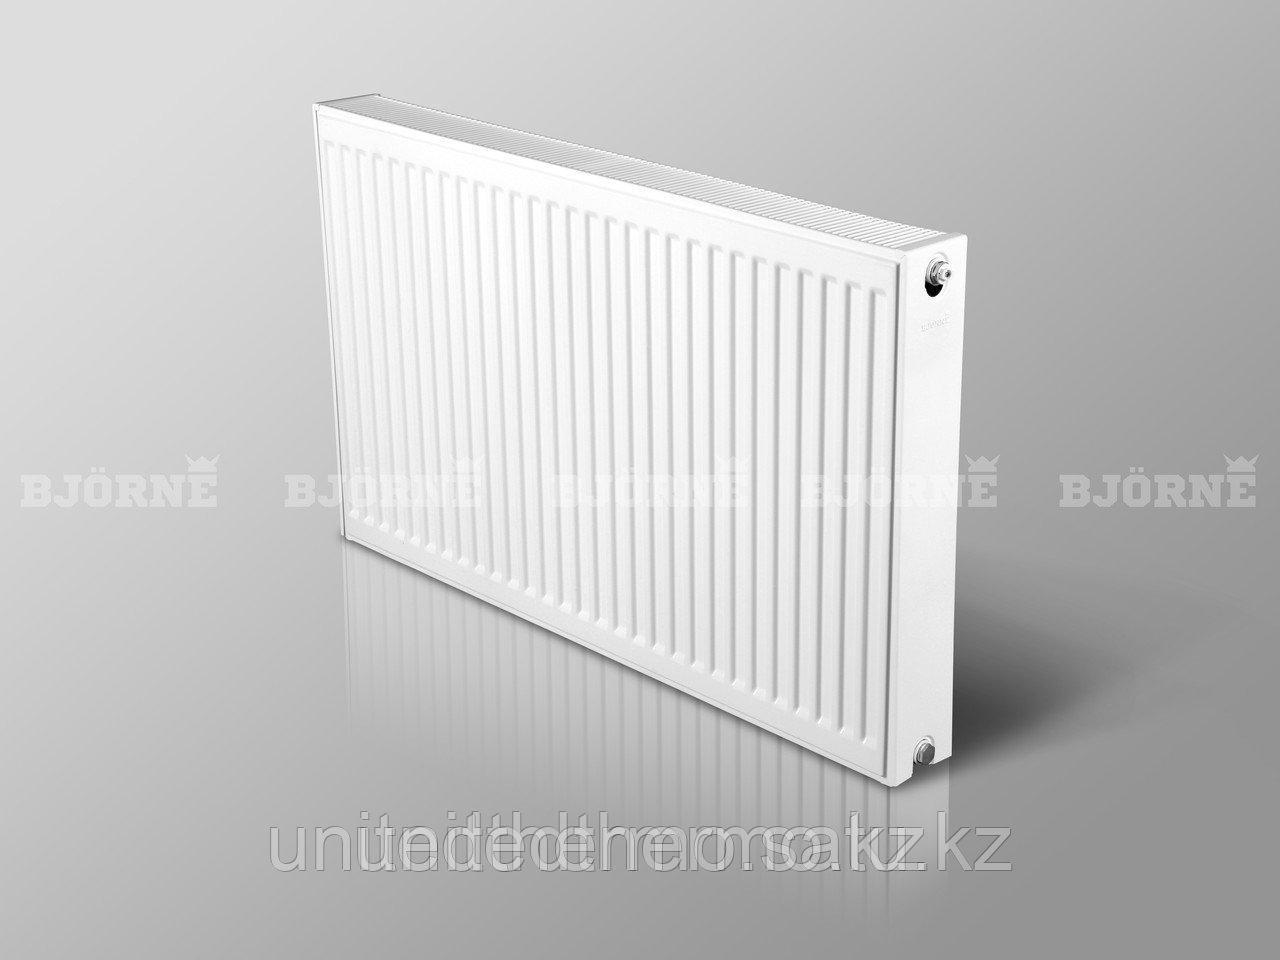 Стальной панельный радиатор Bjorne тип 21K H600мм*L400мм до L3000мм боковое подключение